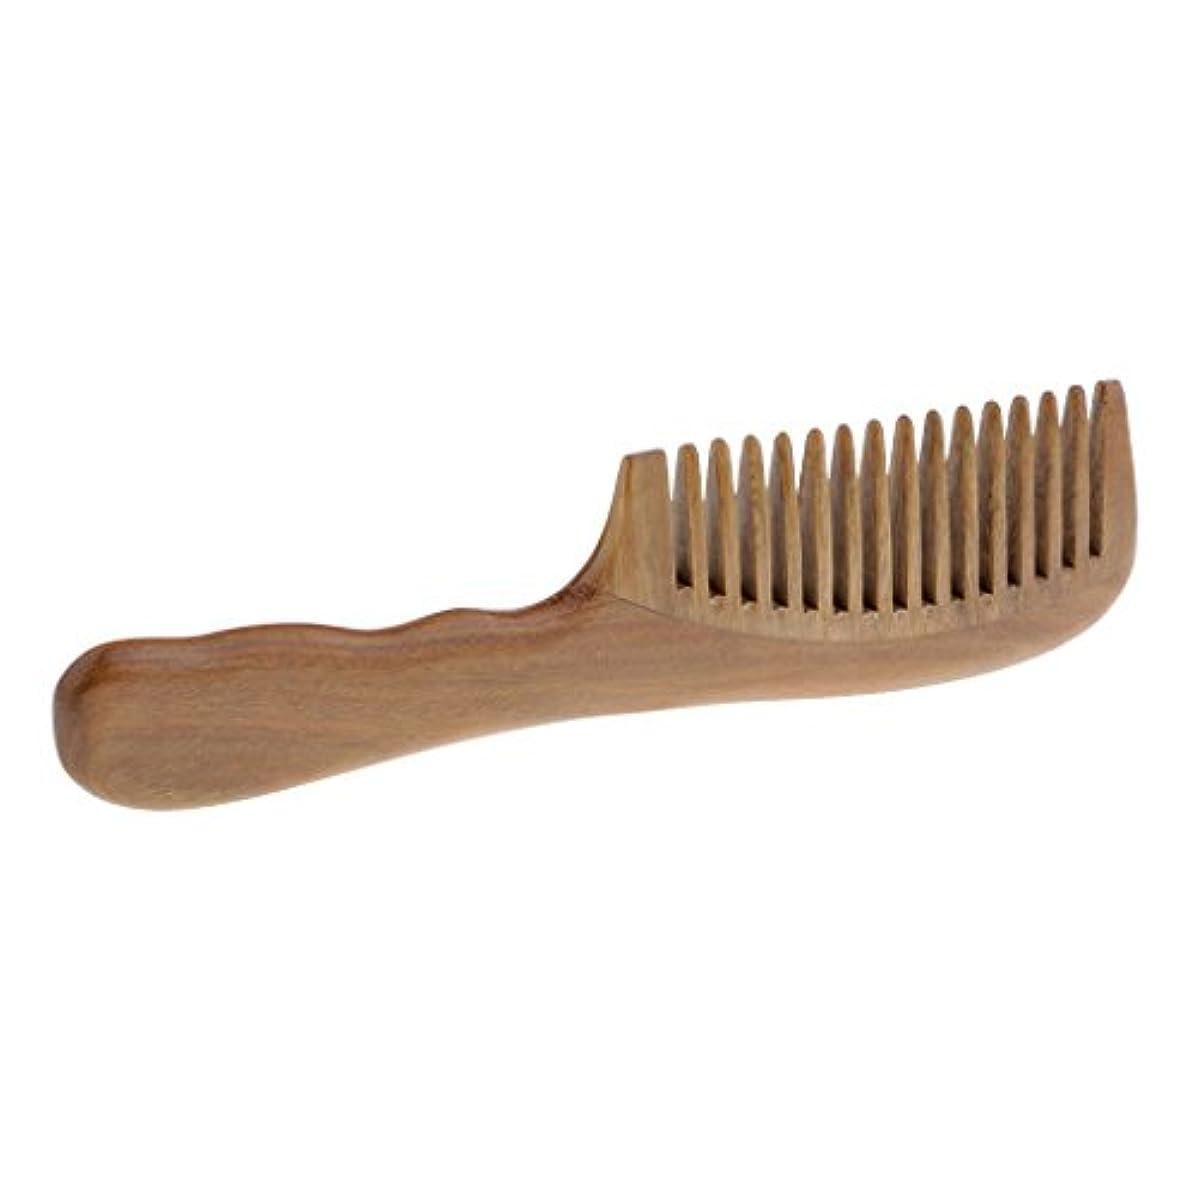 ダンスギネス聖人ウッドコーム サンダルウッド 櫛 頭皮マッサージ 木製櫛 帯電防止 2タイプ選べる - 広い歯